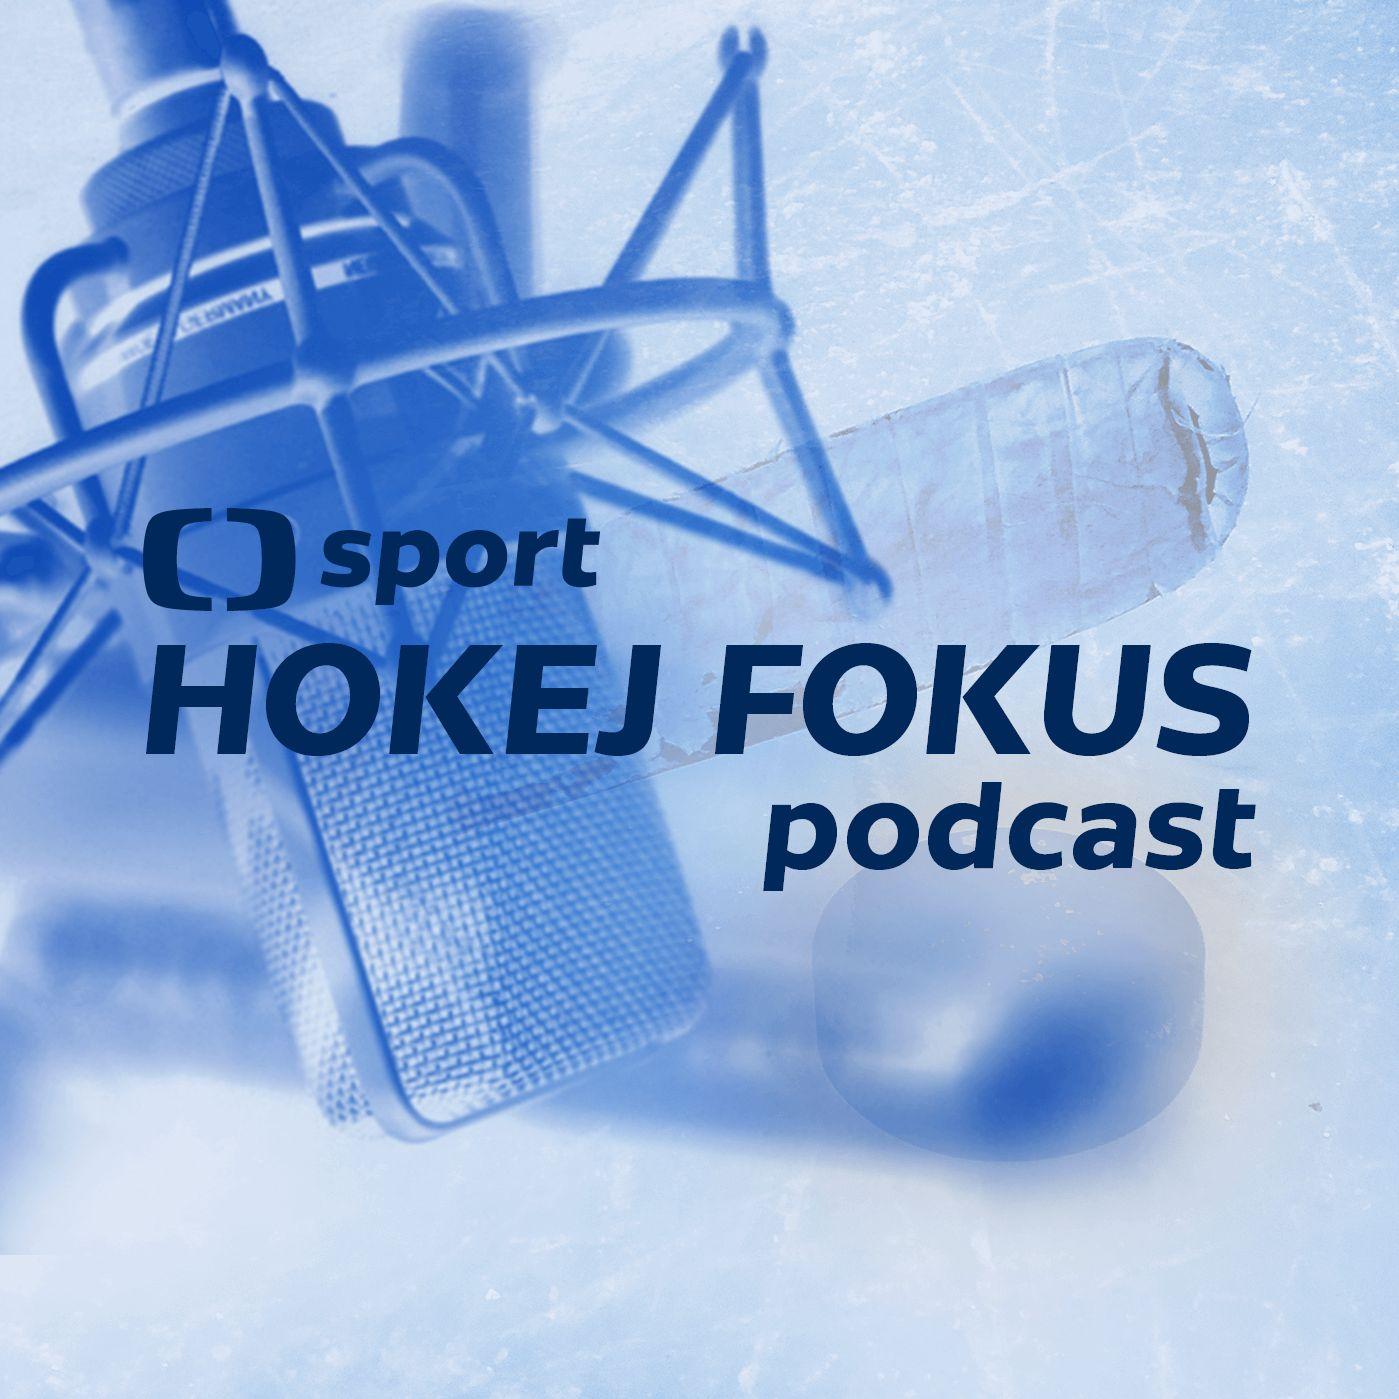 Hokej fokus podcast: Pardubice stojí před kritickým momentem v historii klubu